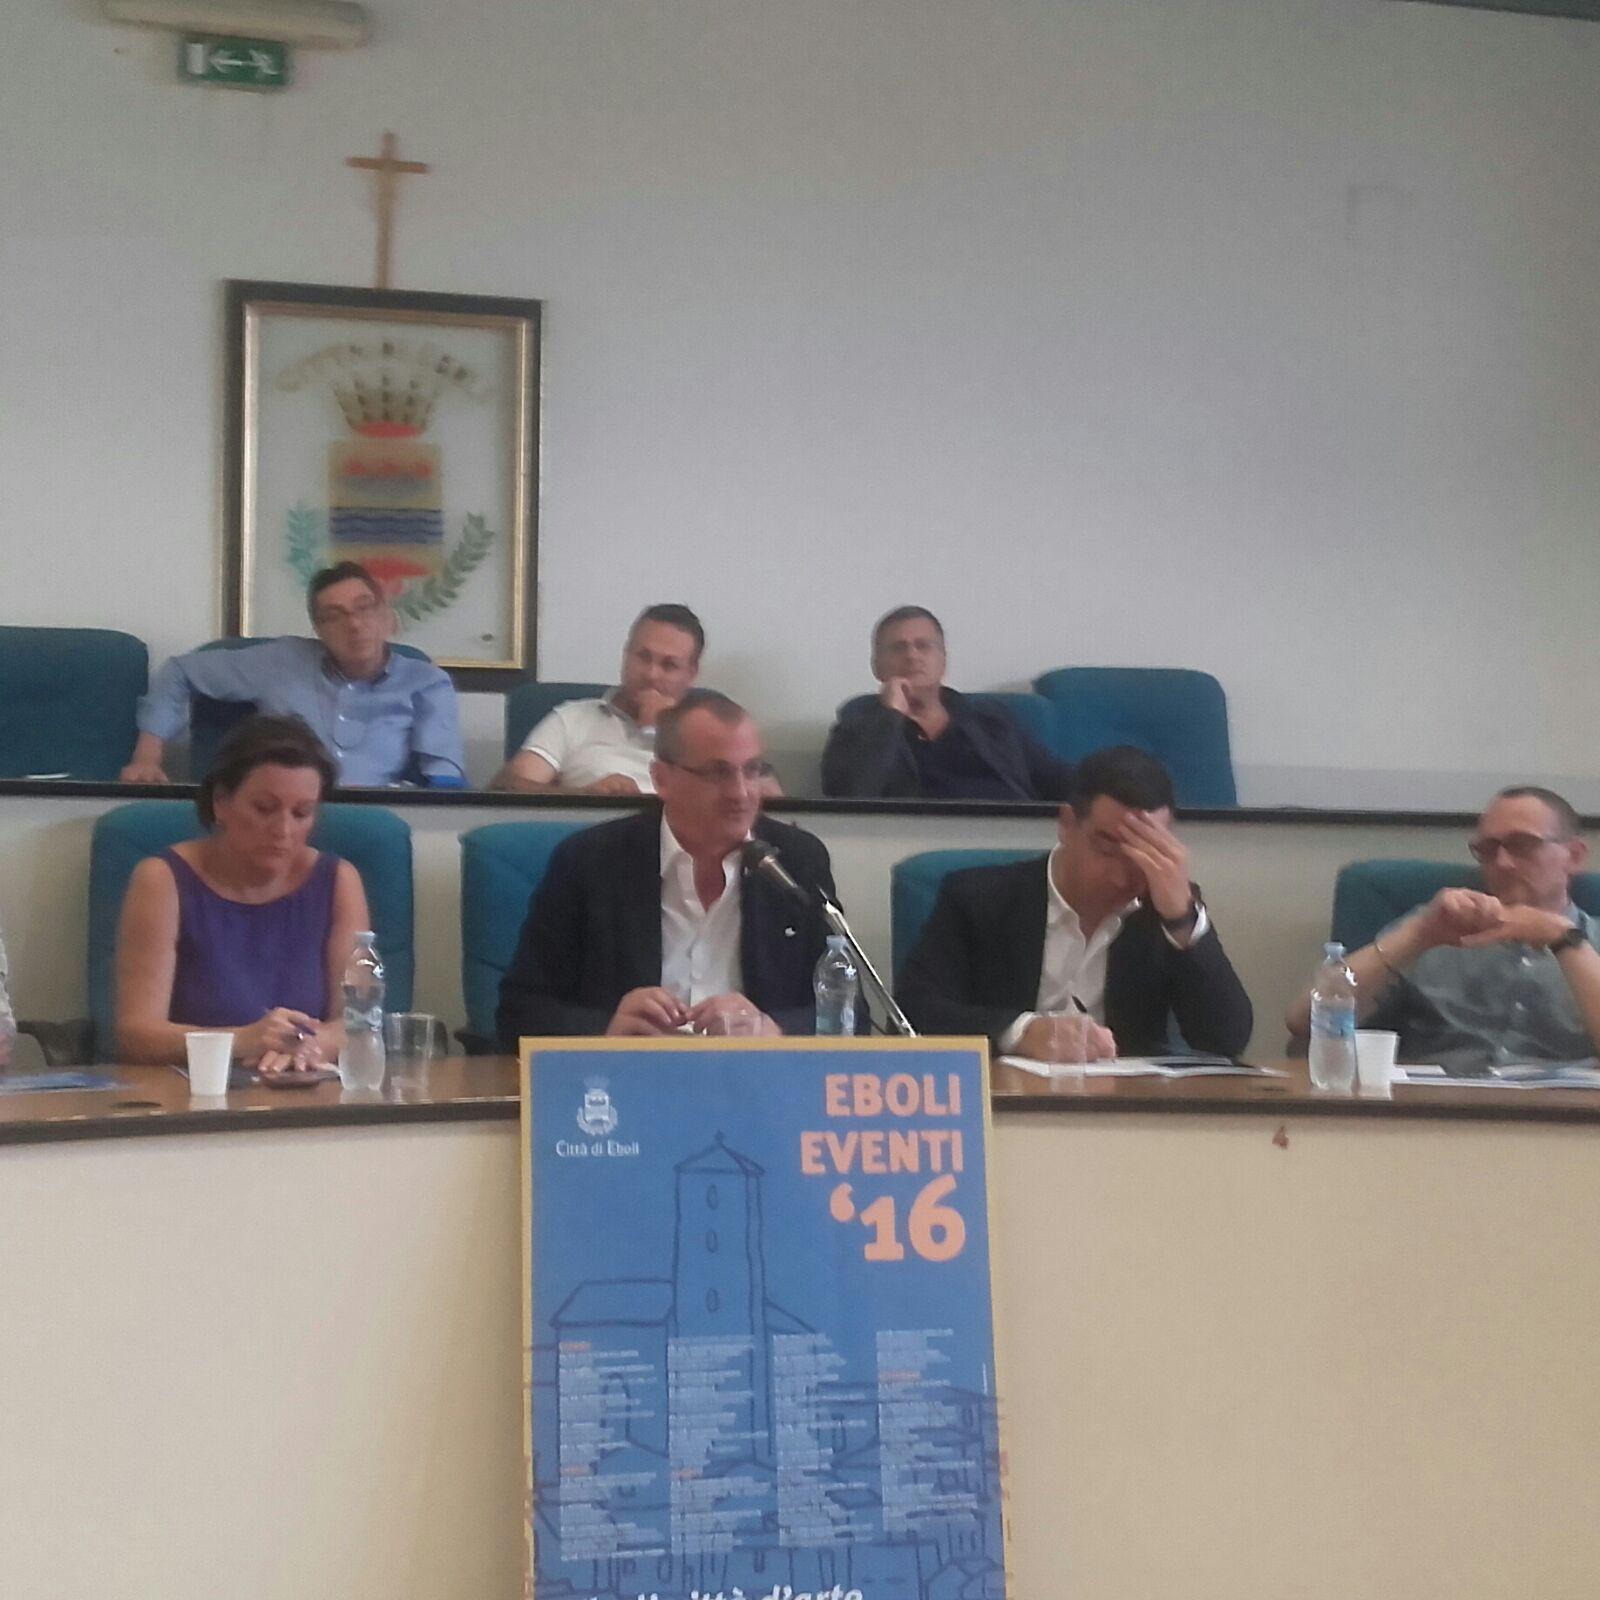 Massimo Cariello-Presentazione -Eboli Estate 2016